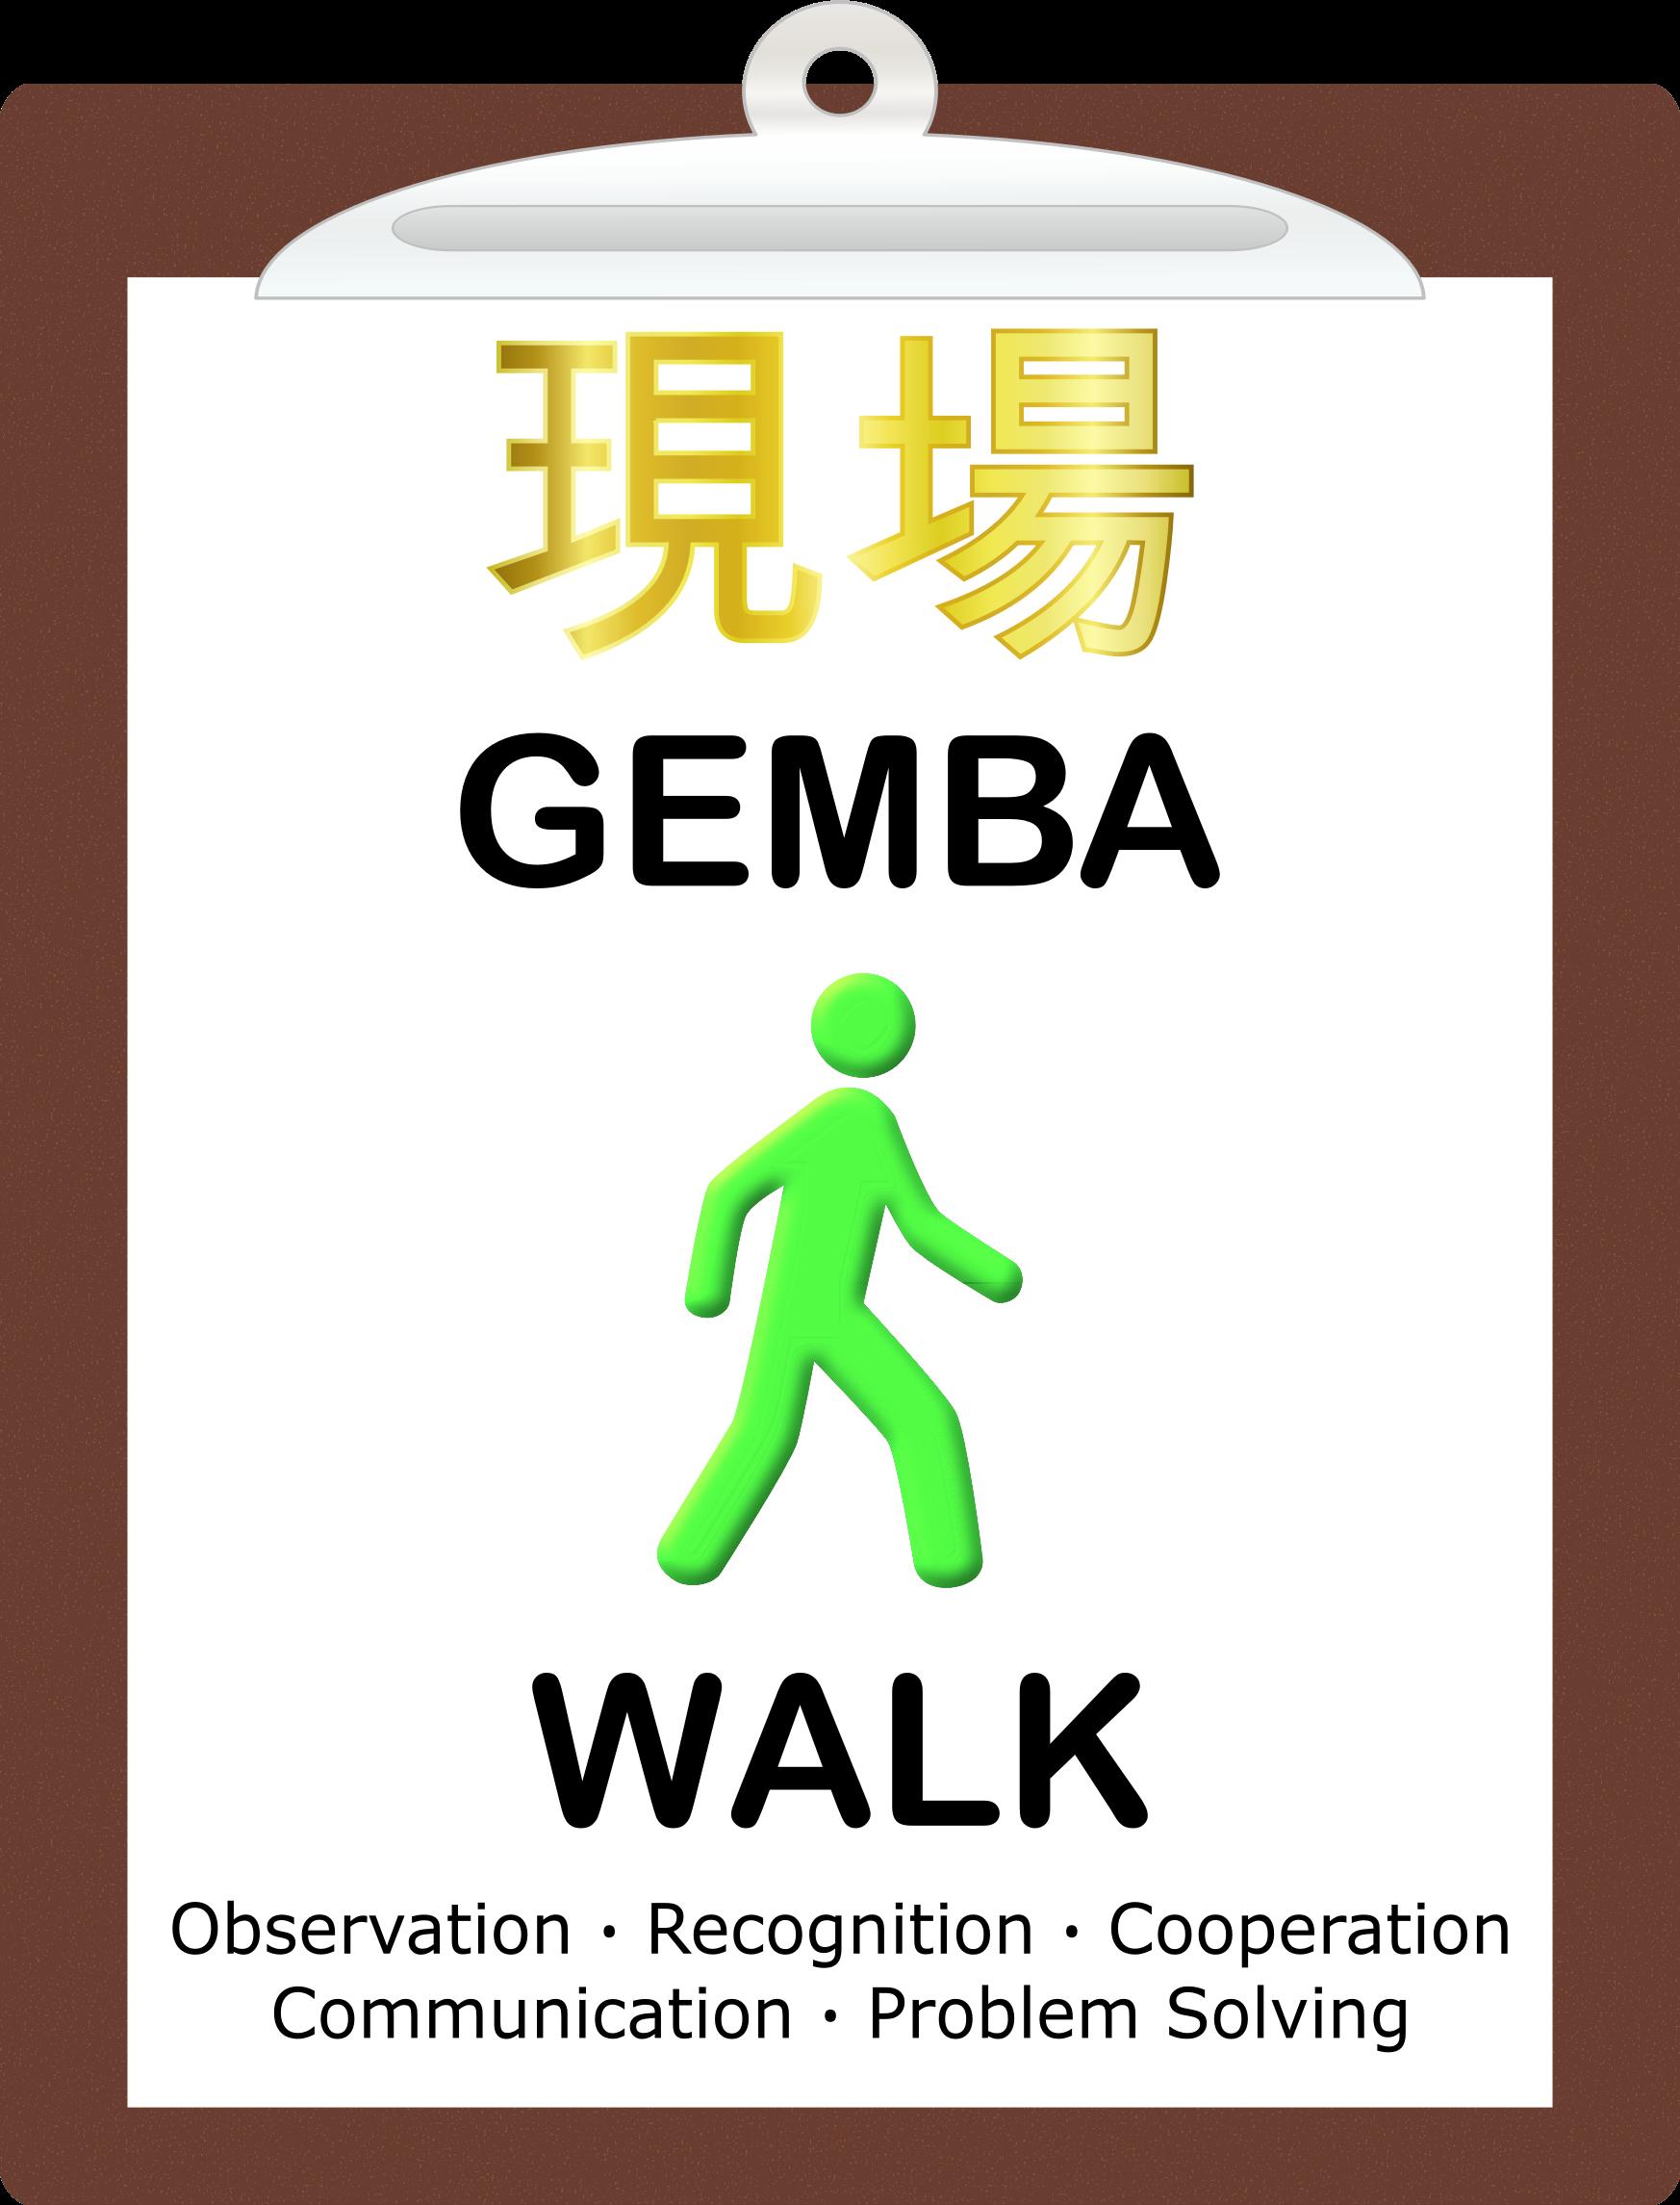 Выход в гемба: как внедрить в компании японский подход к управлению бизнесом